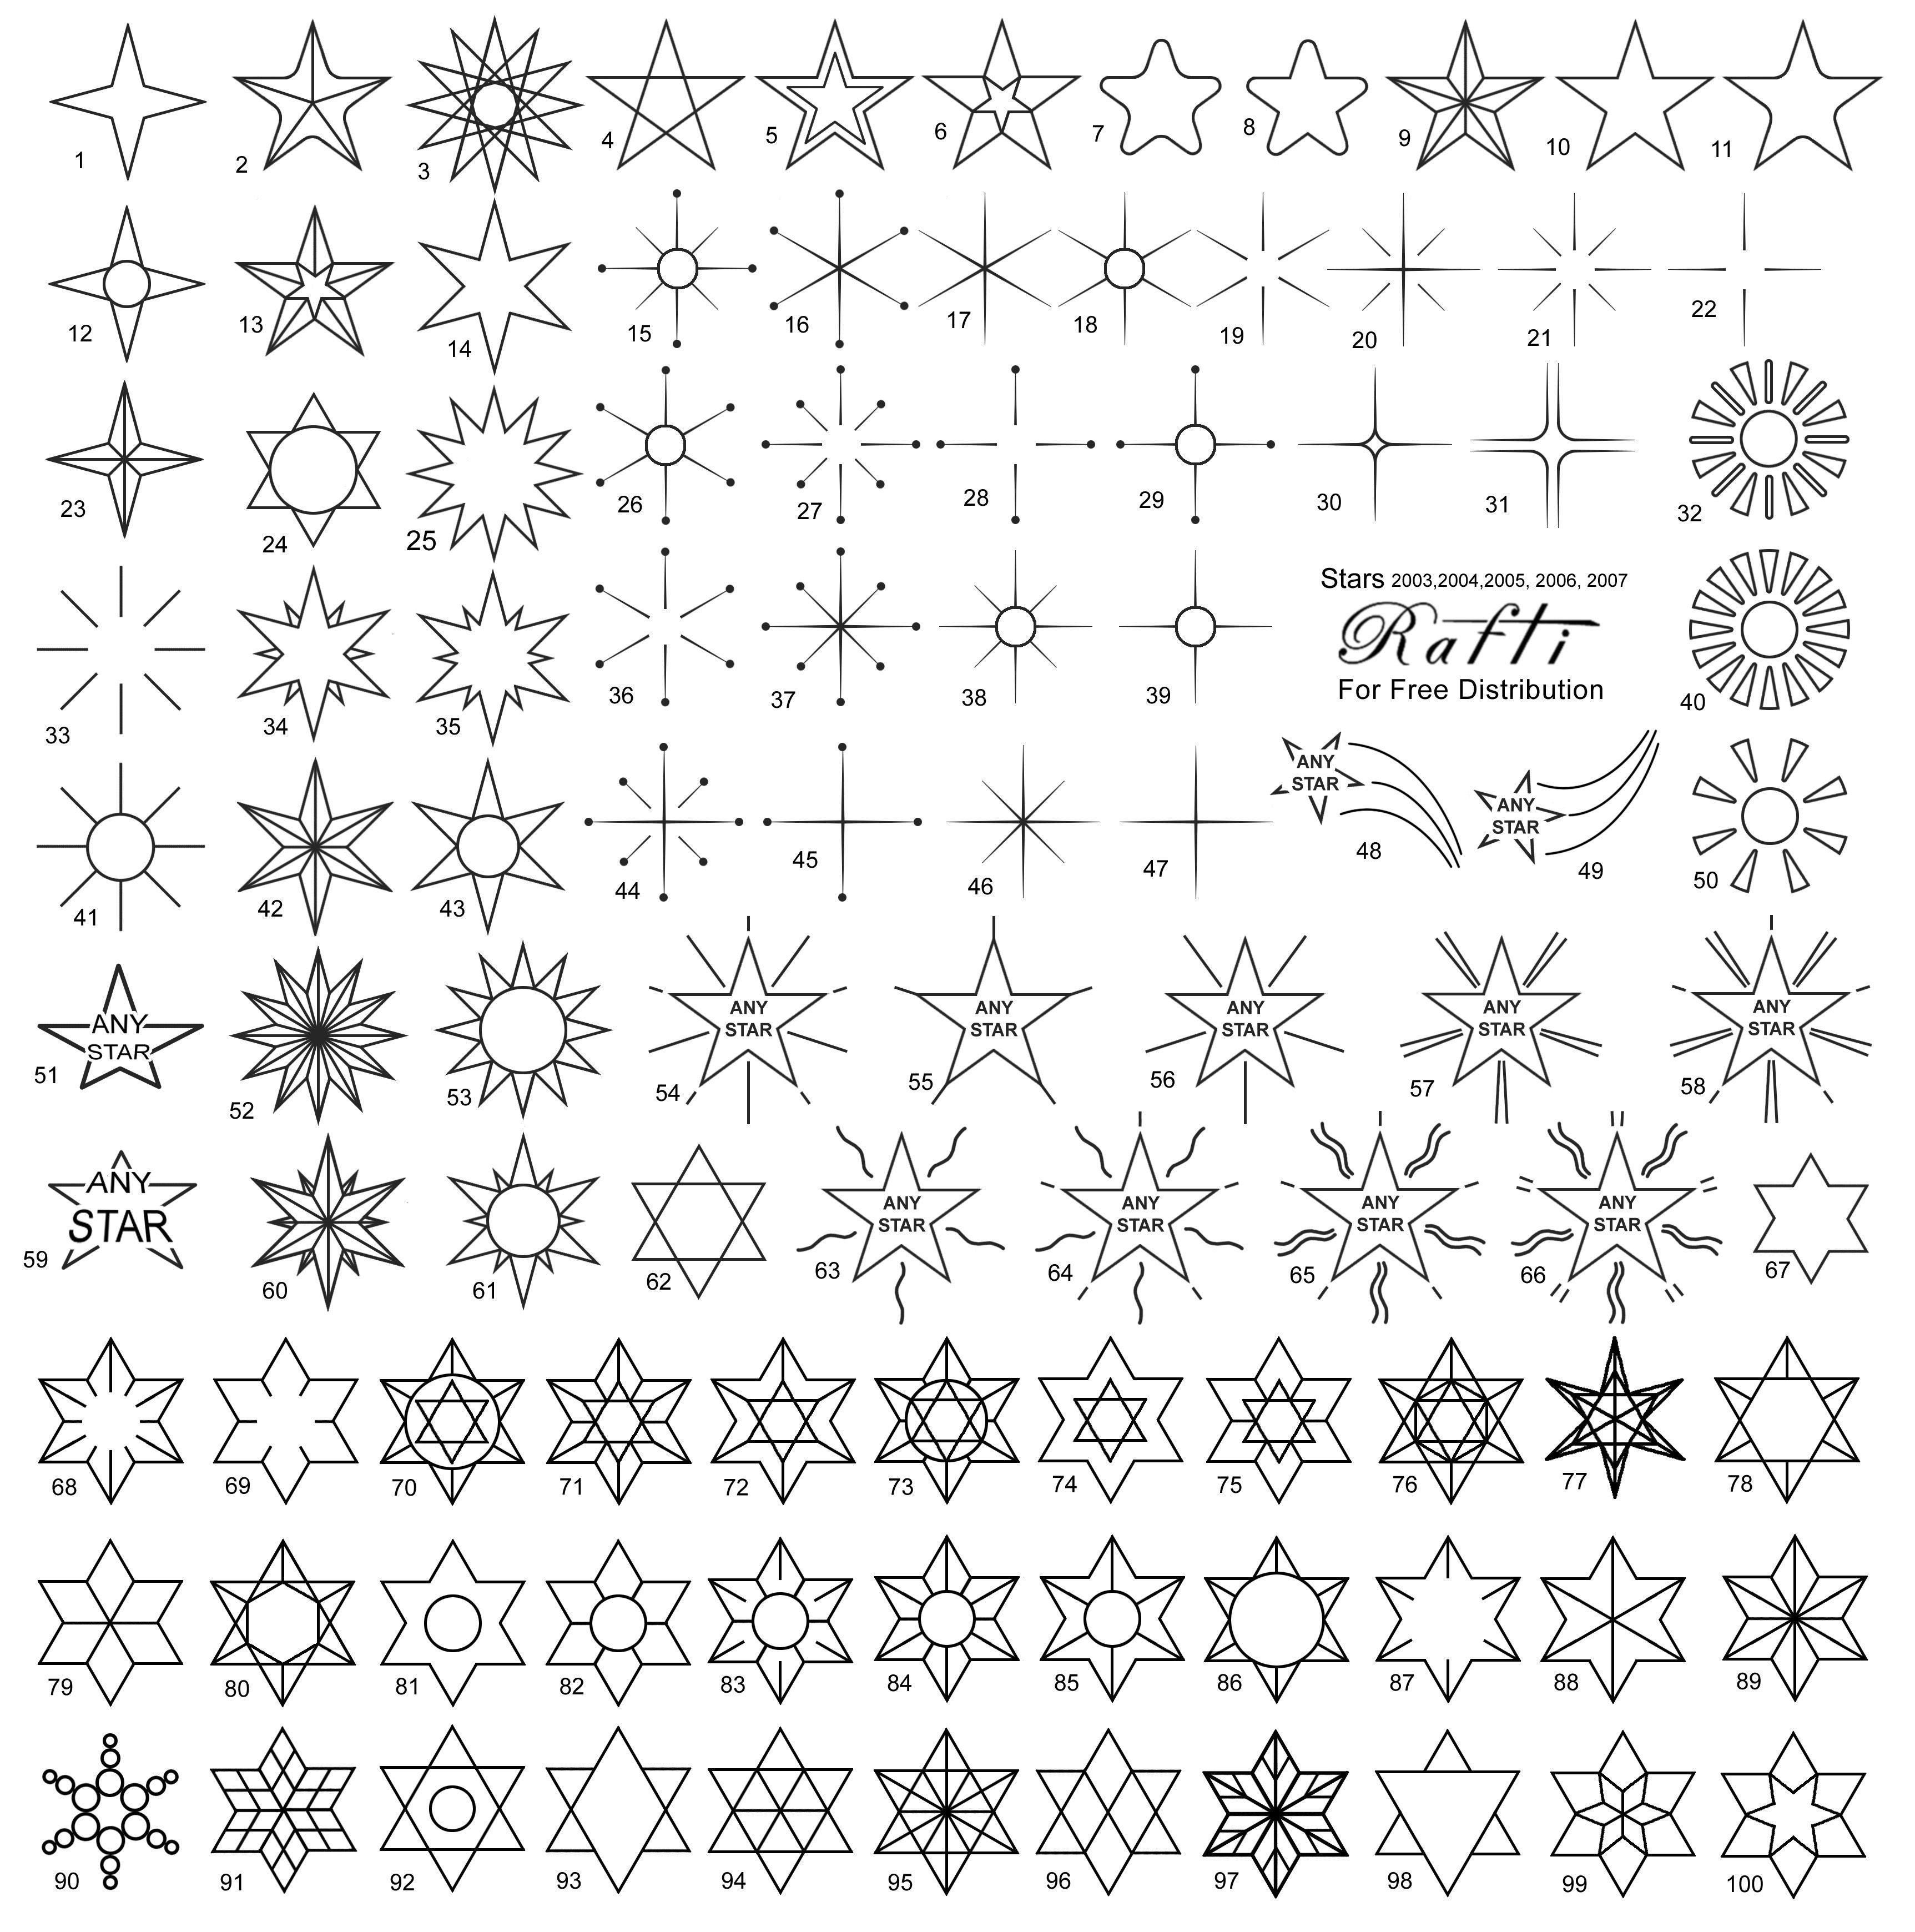 Cómo hacer un tatuaje de estrellas | Tatuajes, Tatuaje de estrellas ...